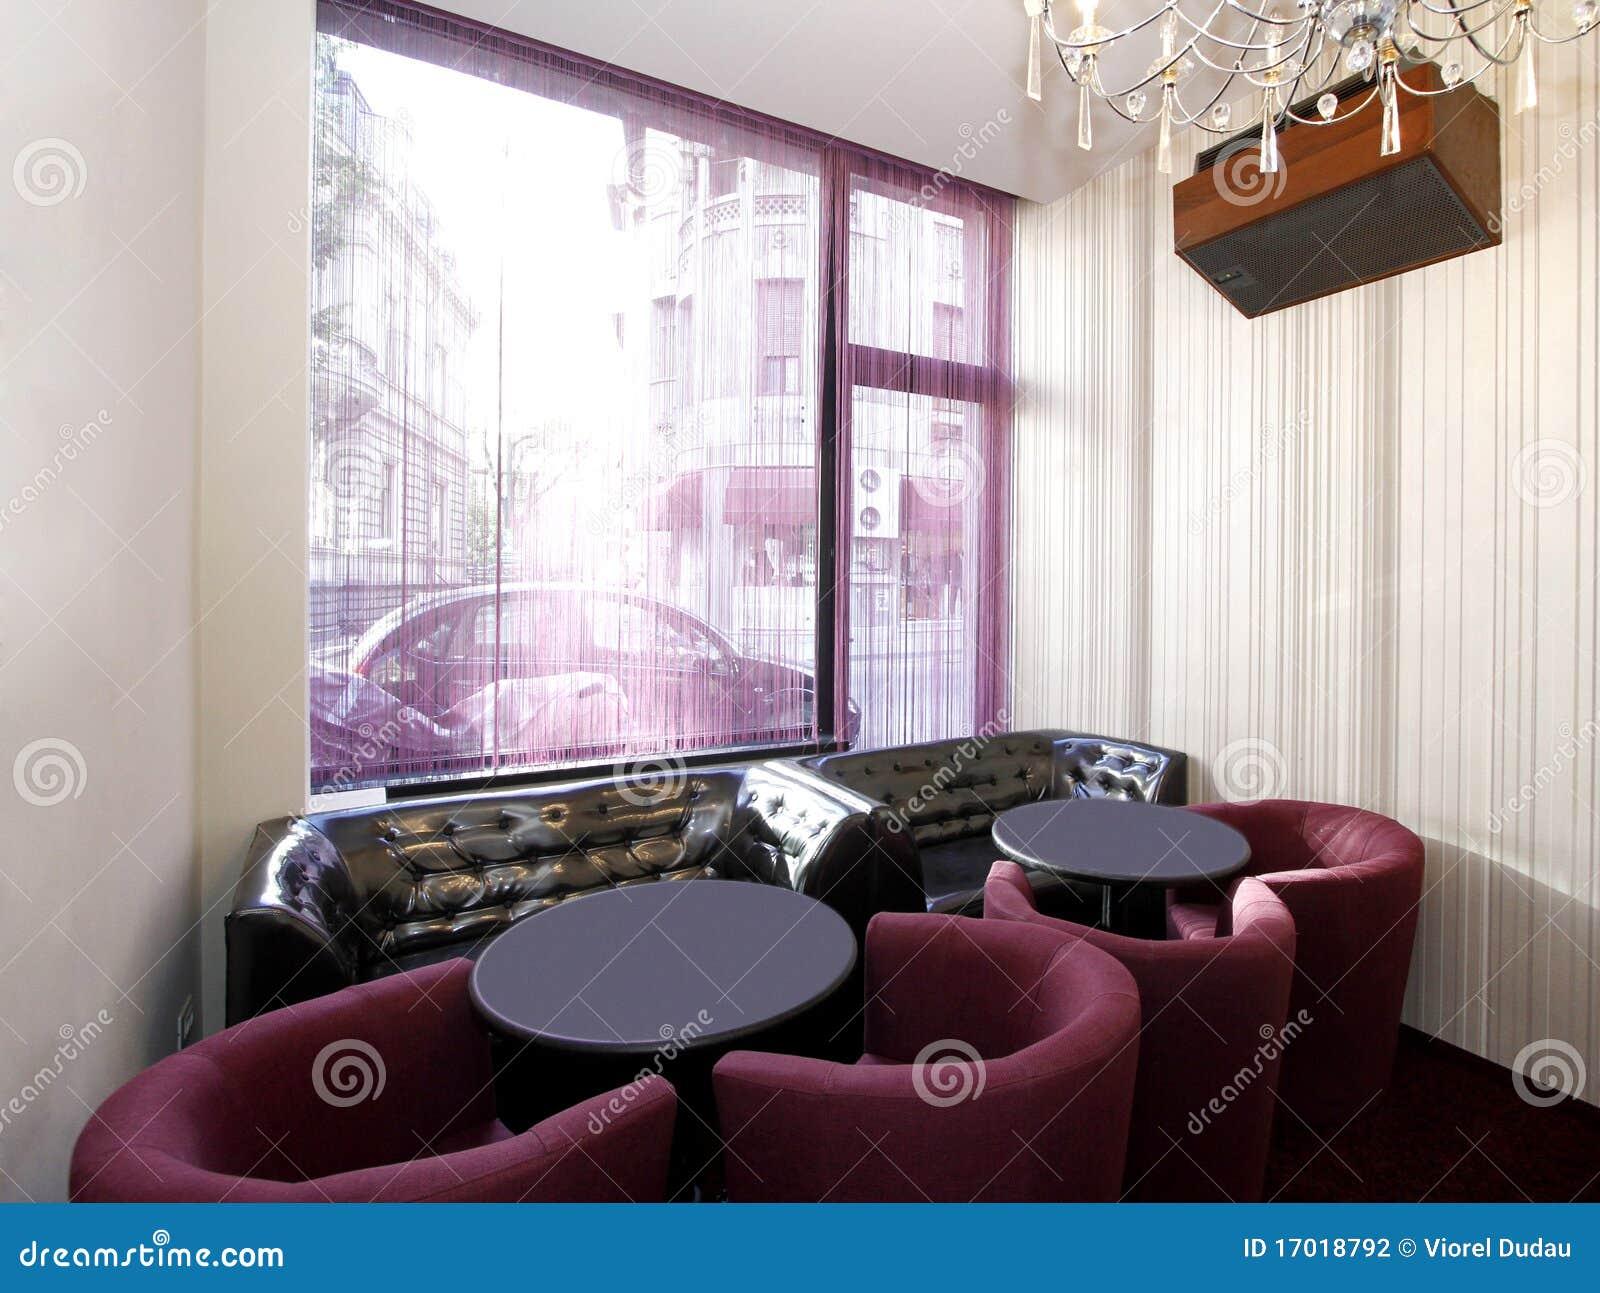 stylish cafe interior stock photography - image: 17018792